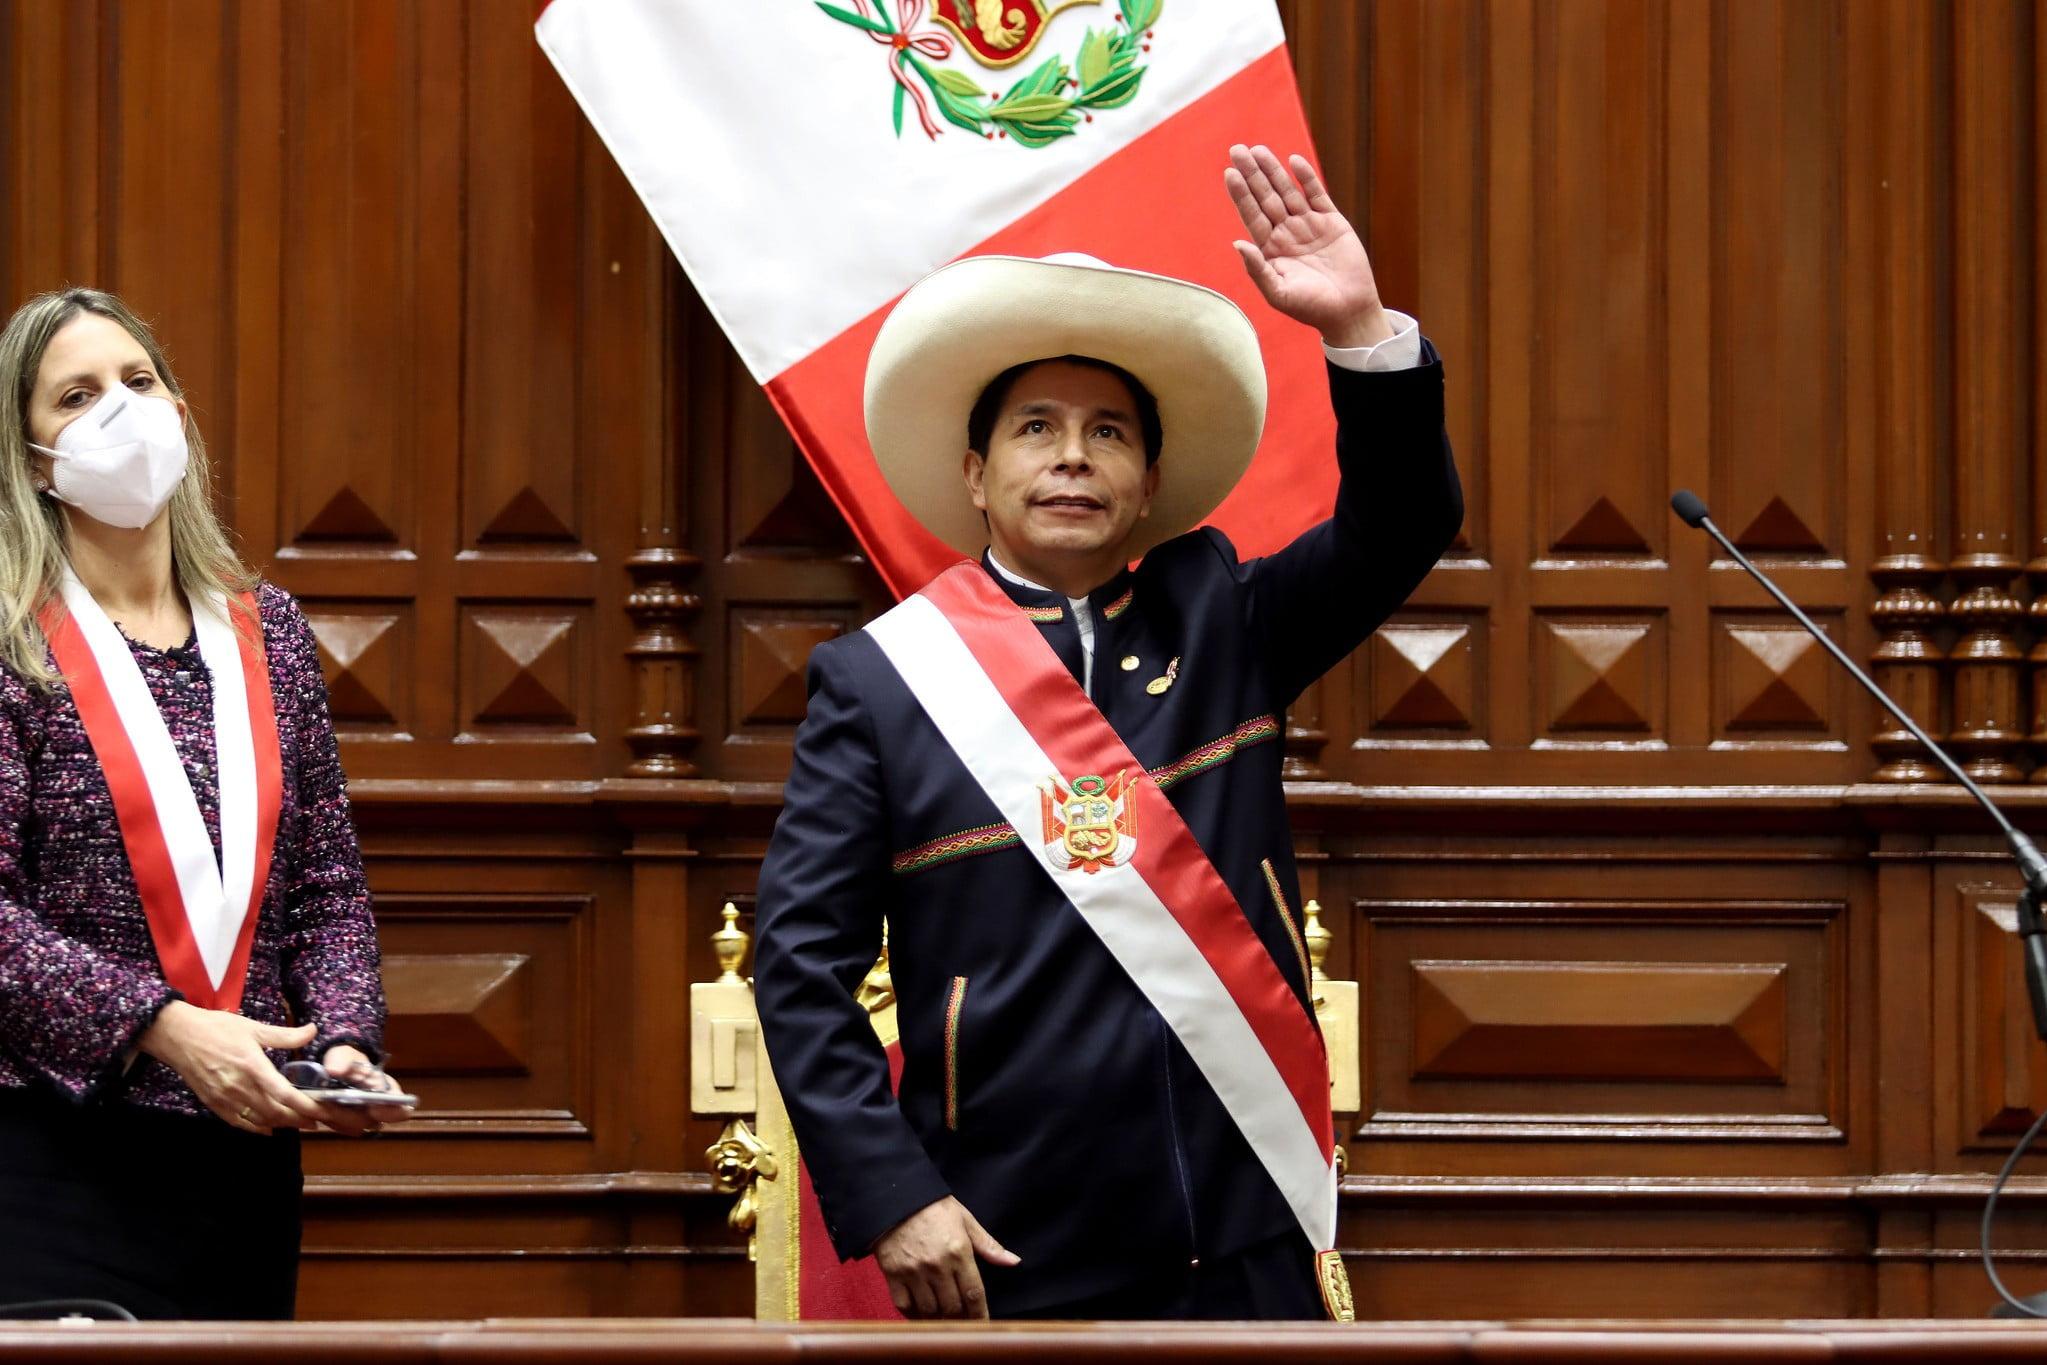 Pedro Castillo jura y se convierte en el presidente del Bicentenario de la independencia